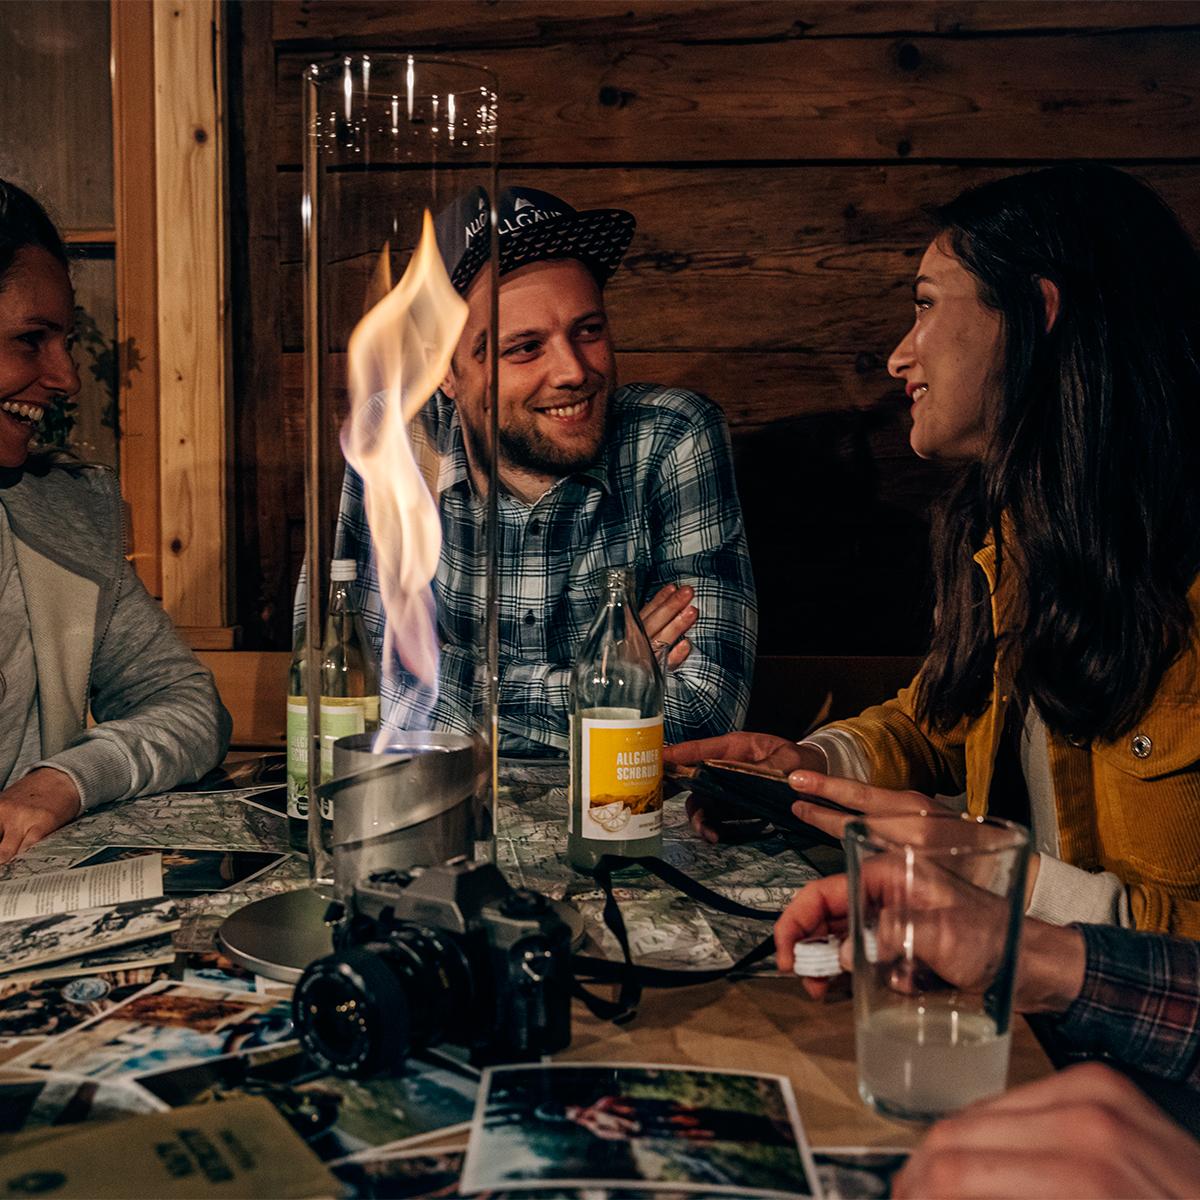 屋外パーティのムードメーカーとして、友人たちと語り合う輪の中央に、グランピングの夜を盛り上げるキャンプファイヤーとして。人が集まる場に、驚きと癒しを与えてくれる廻る炎。「テーブルランタン&ガーデントーチ」|Hofats SPIN(ホーファッツ スピン)